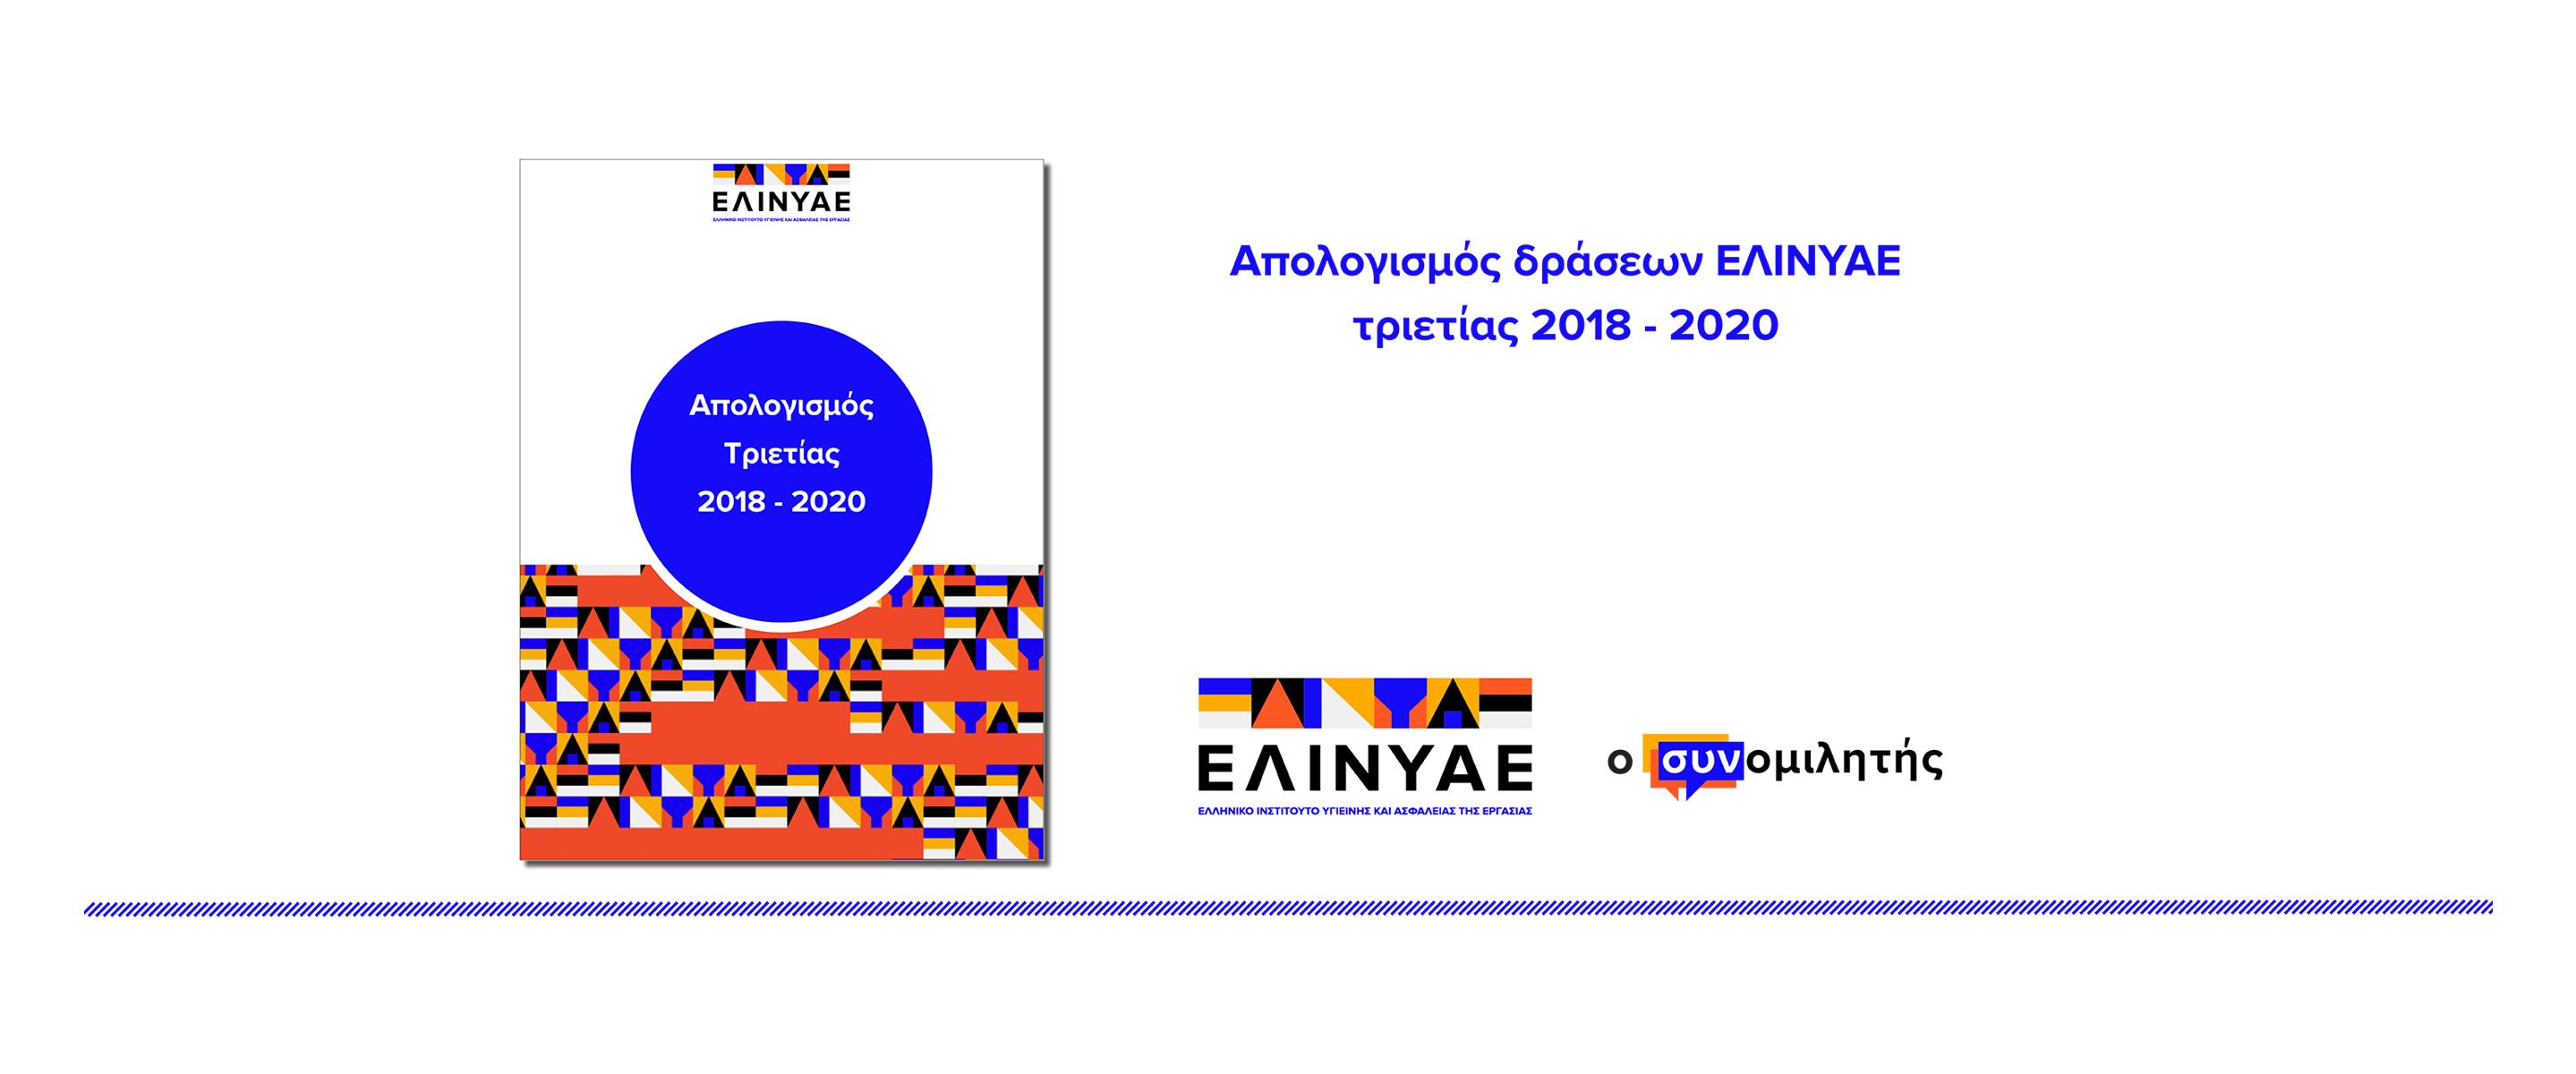 Απολογισμός τριετίας 2018-2020